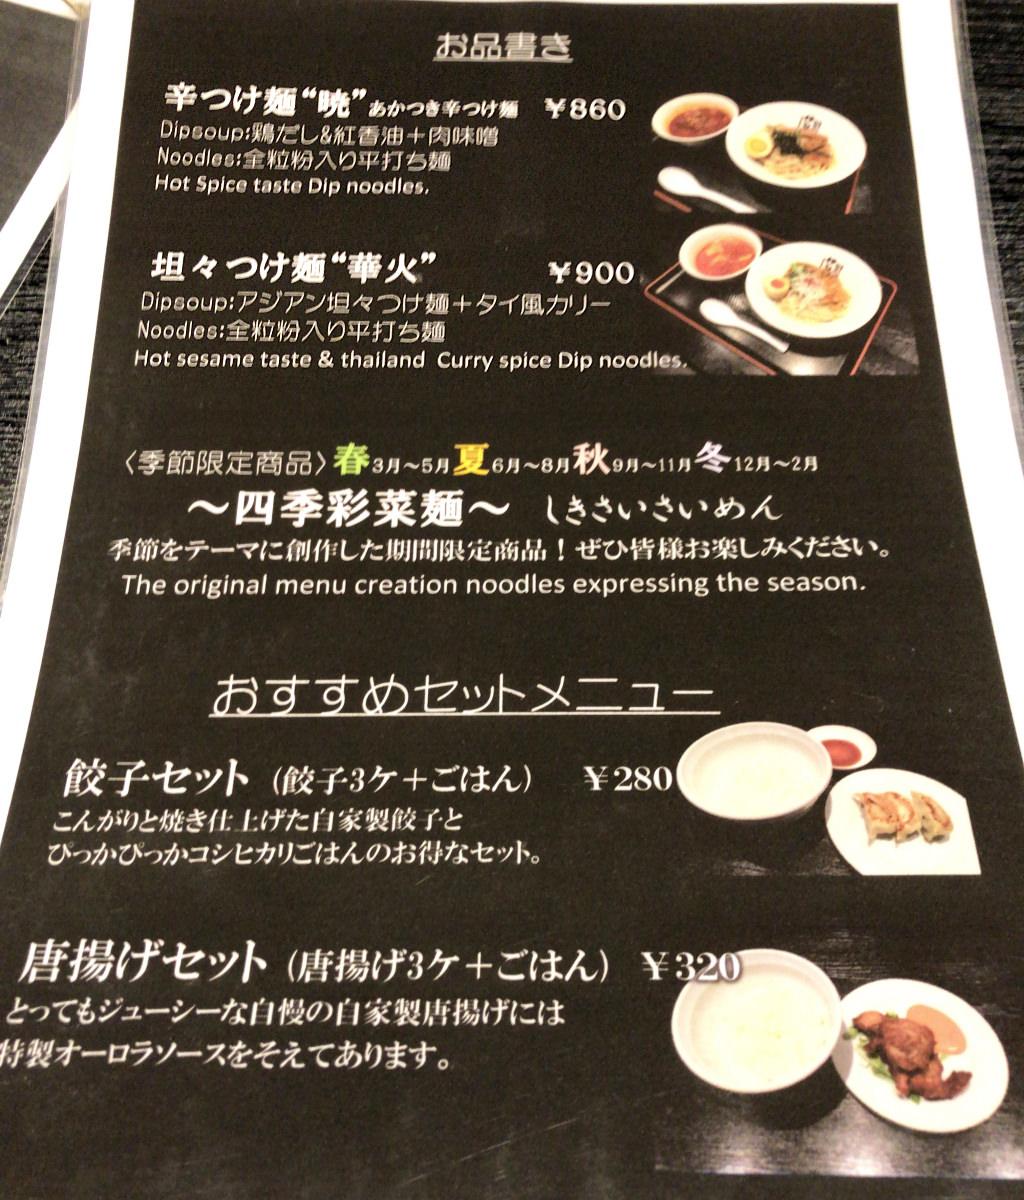 「伊駄天 静岡店」のメニュー